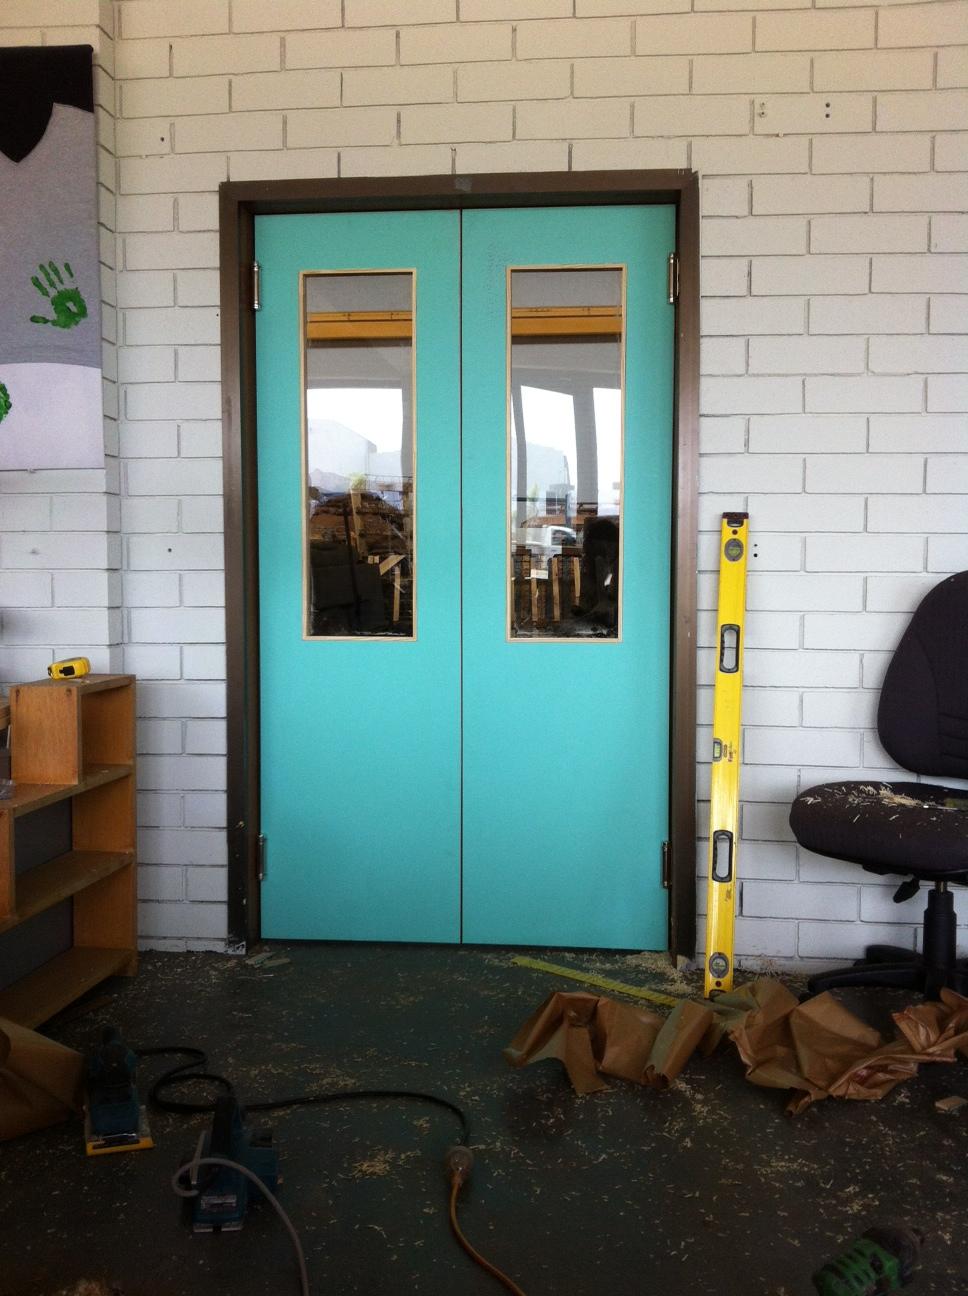 Tailor made doors & Fremantle Joinery | Stairs Doors \u0026 Windows \u2014 Fremantle Carpentry ...